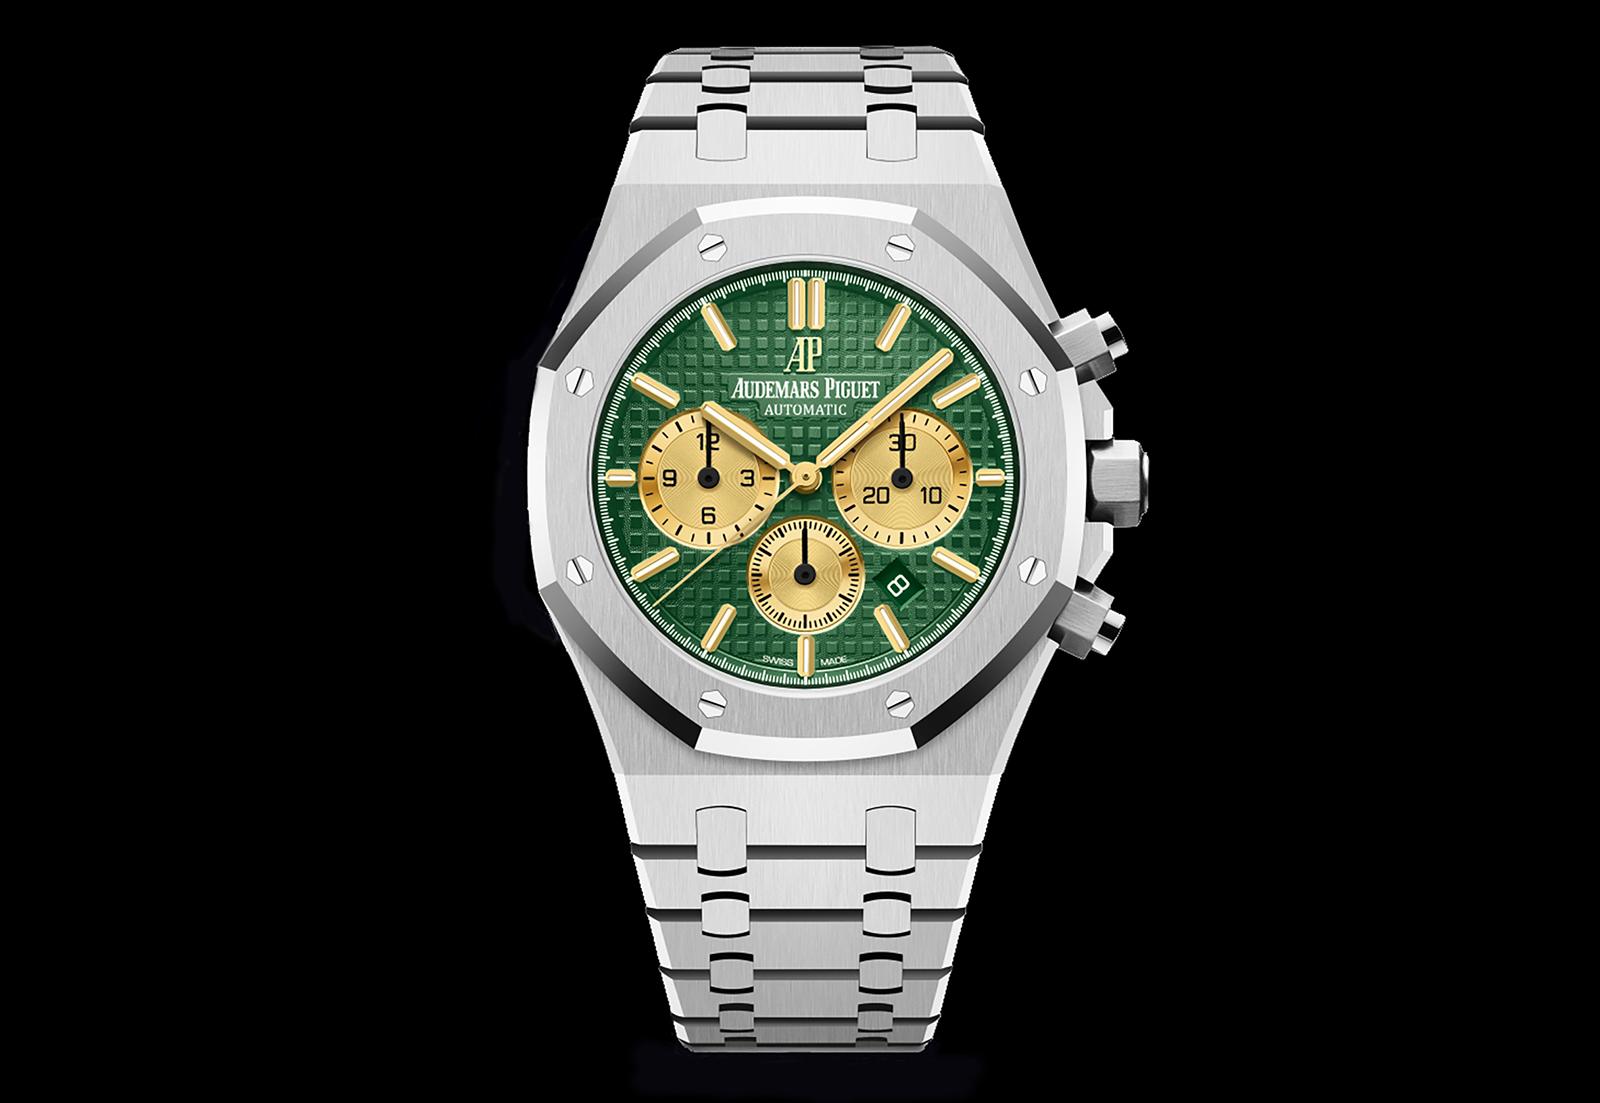 Audemars Piguet Introduces The Royal Oak Chronograph The Hour Glass